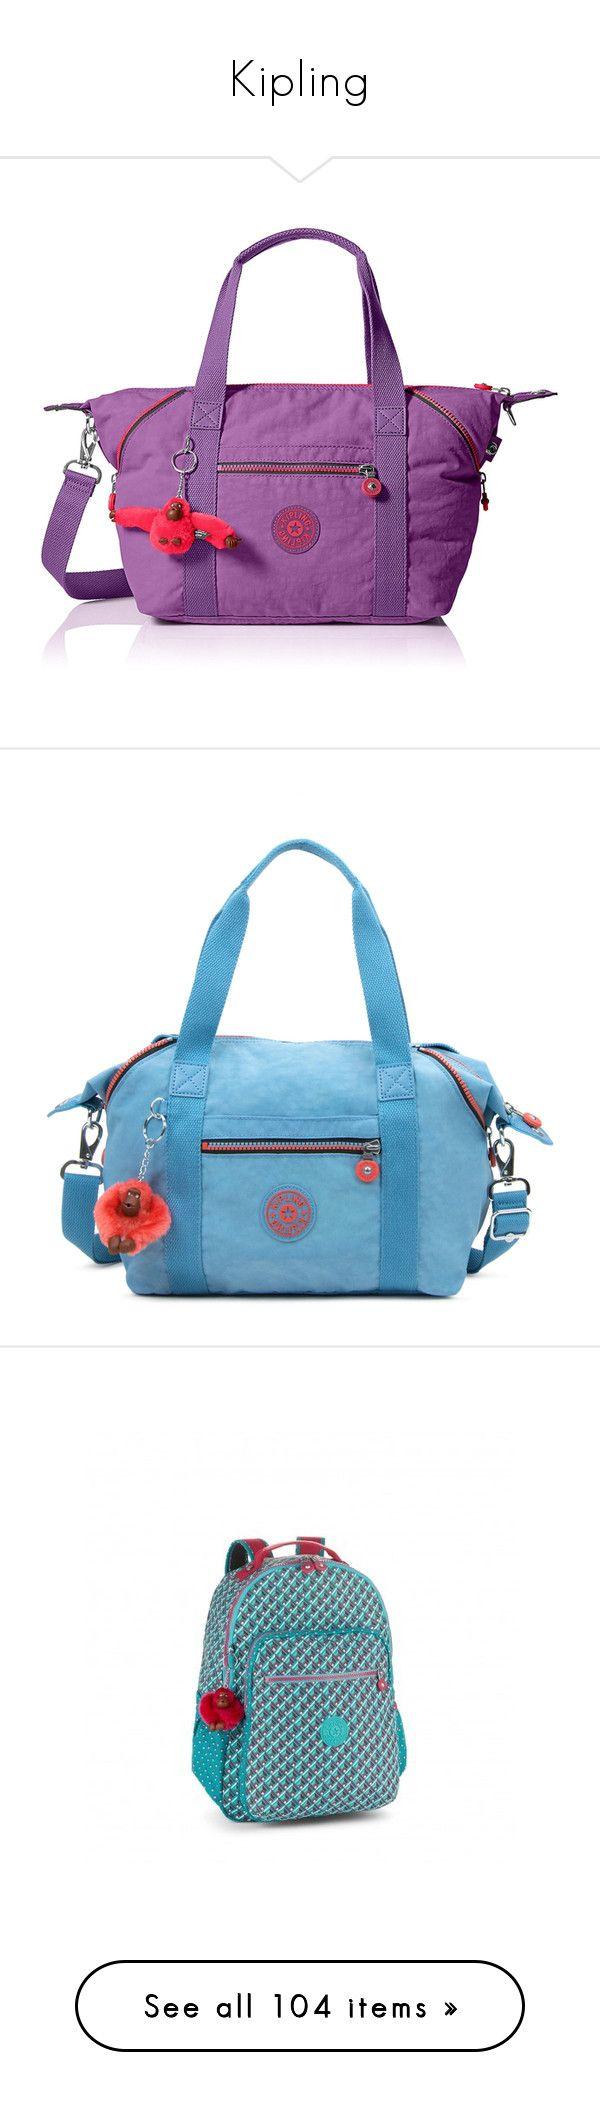 25 best ideas about kipling backpack on pinterest school handbags -  Kipling By Lorika Borika On Polyvore Featuring Bags Handbags Tote Bags